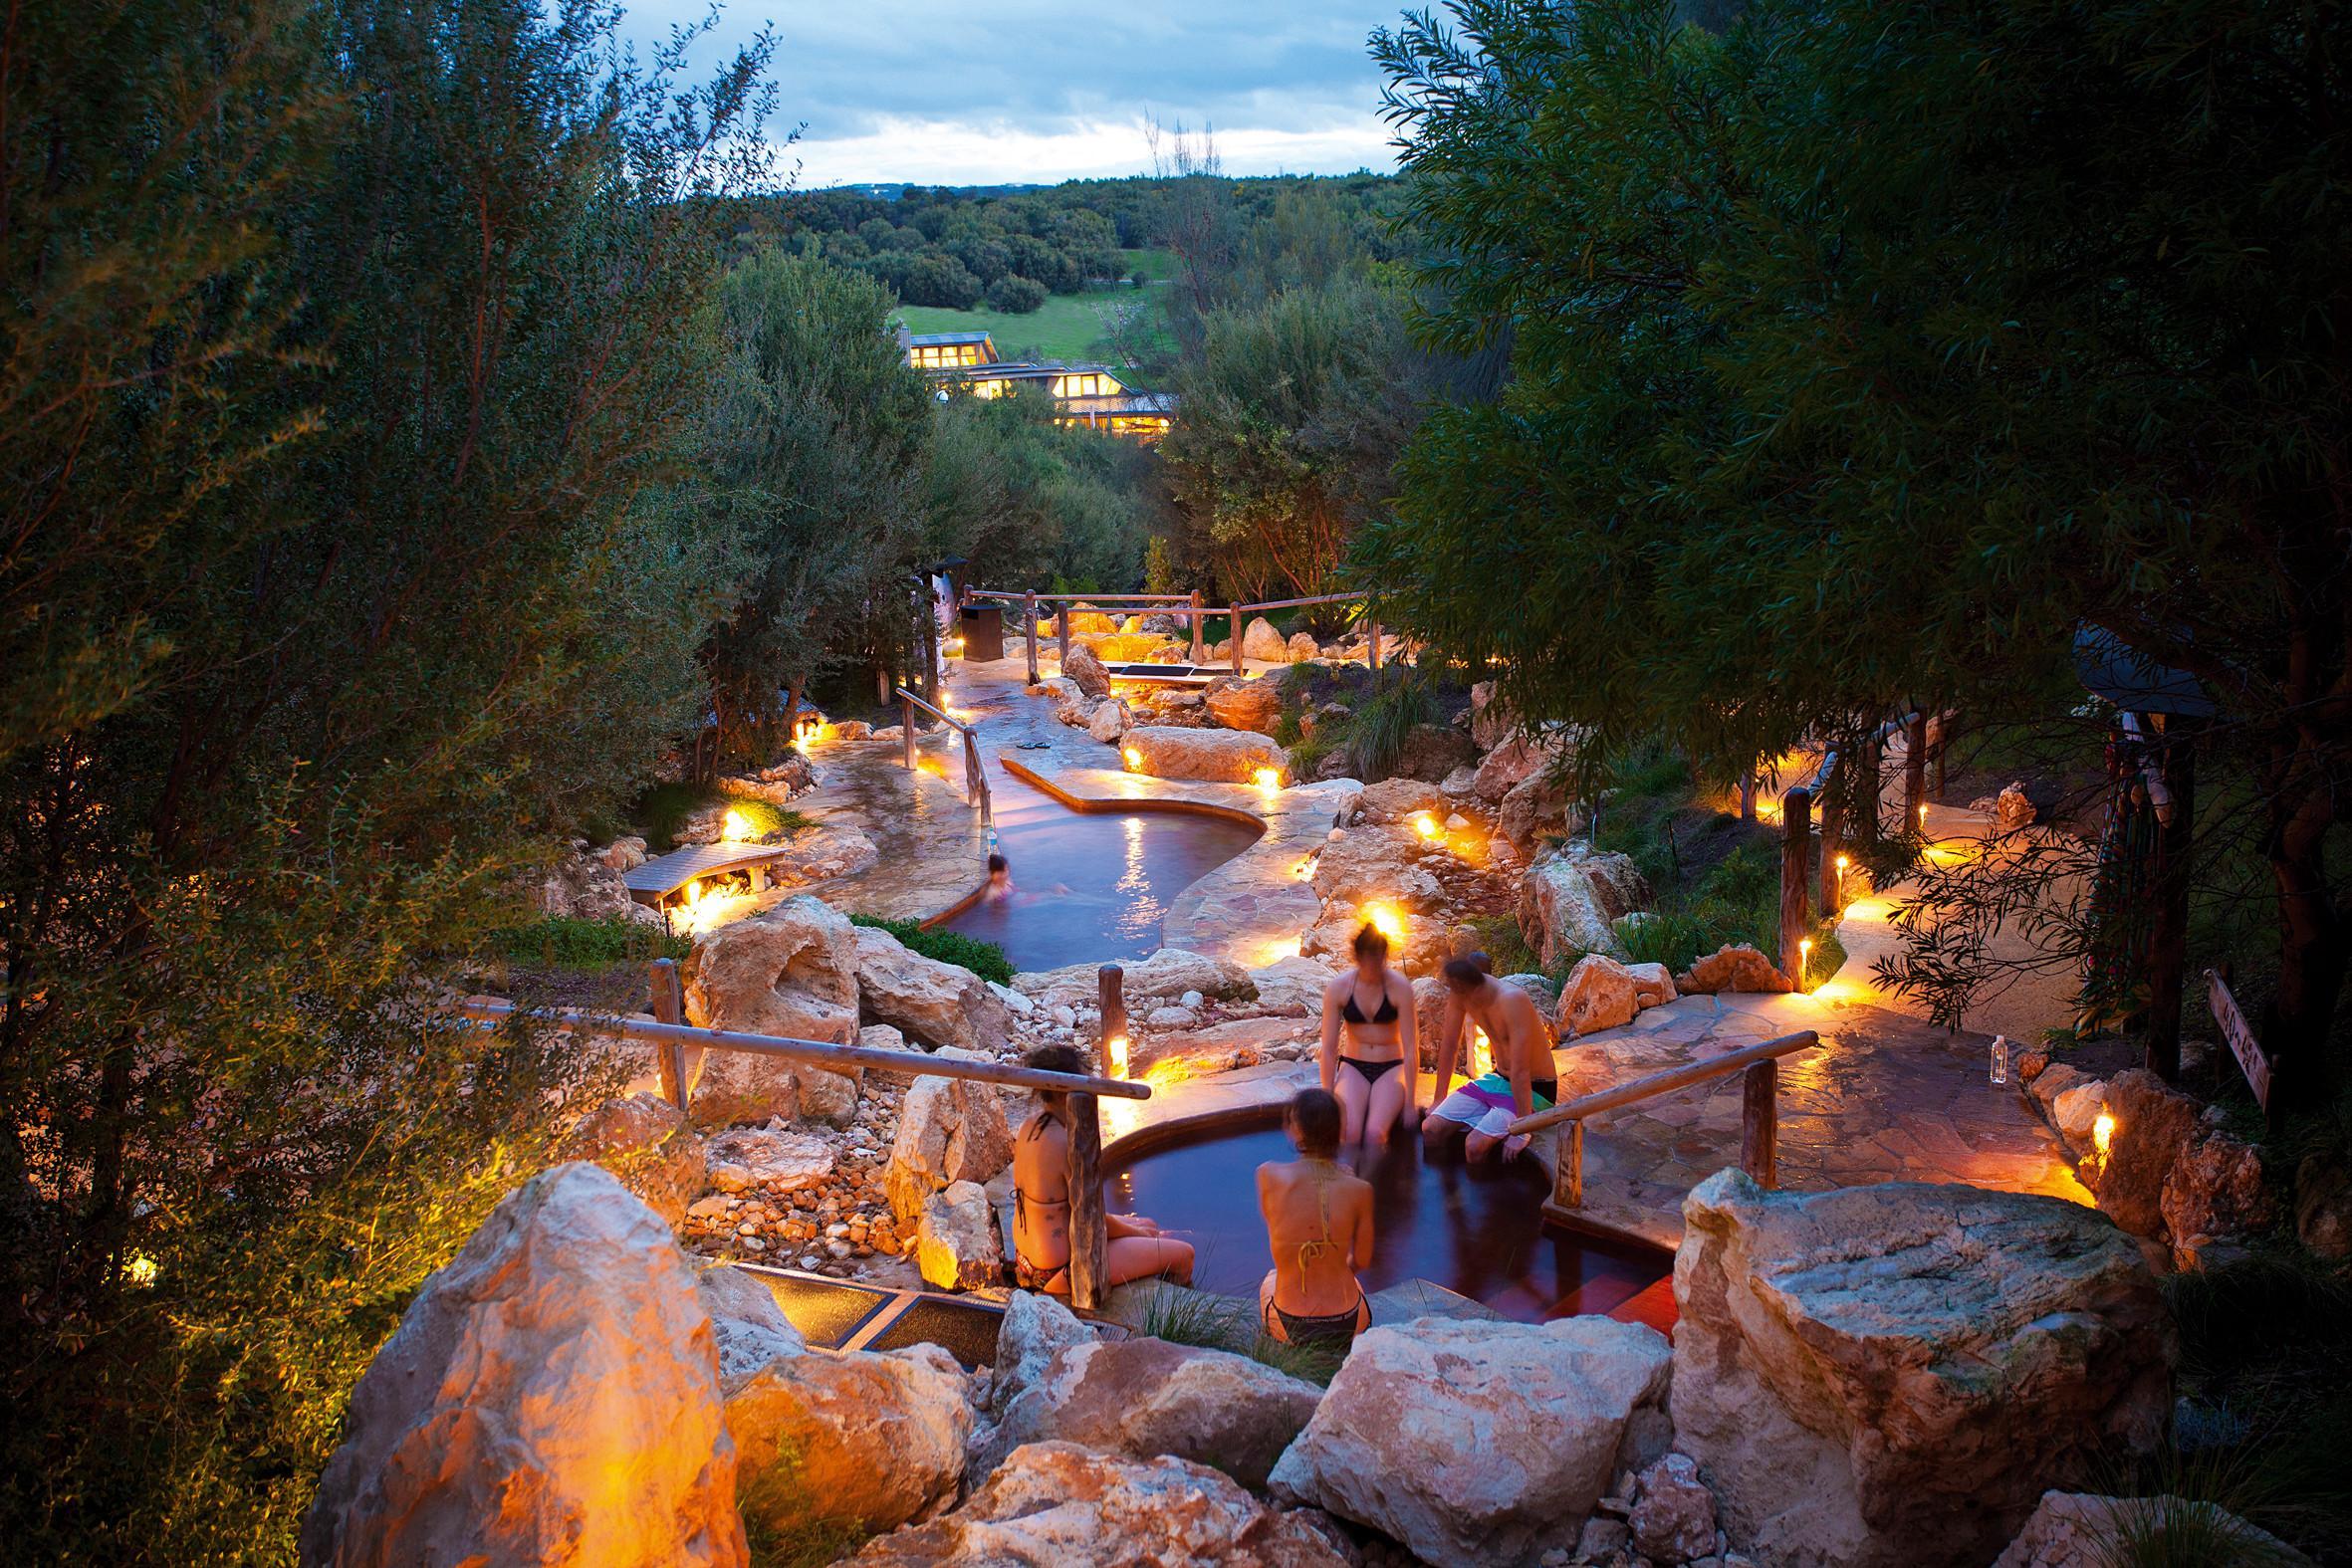 Peninsula Hot Springs at twilight